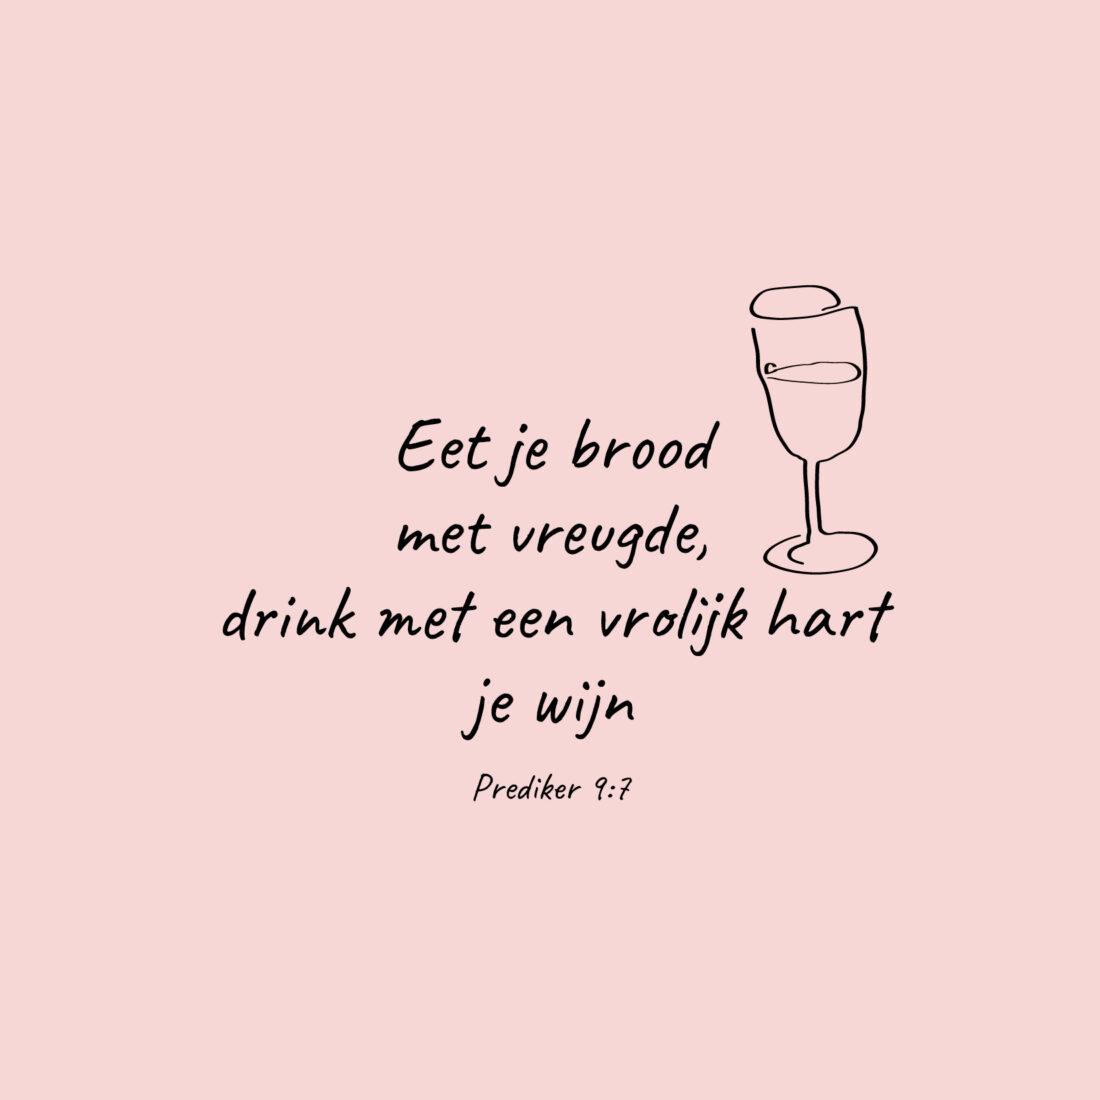 Eet je brood met vreugde, drink met een vrolijk hart je wijn